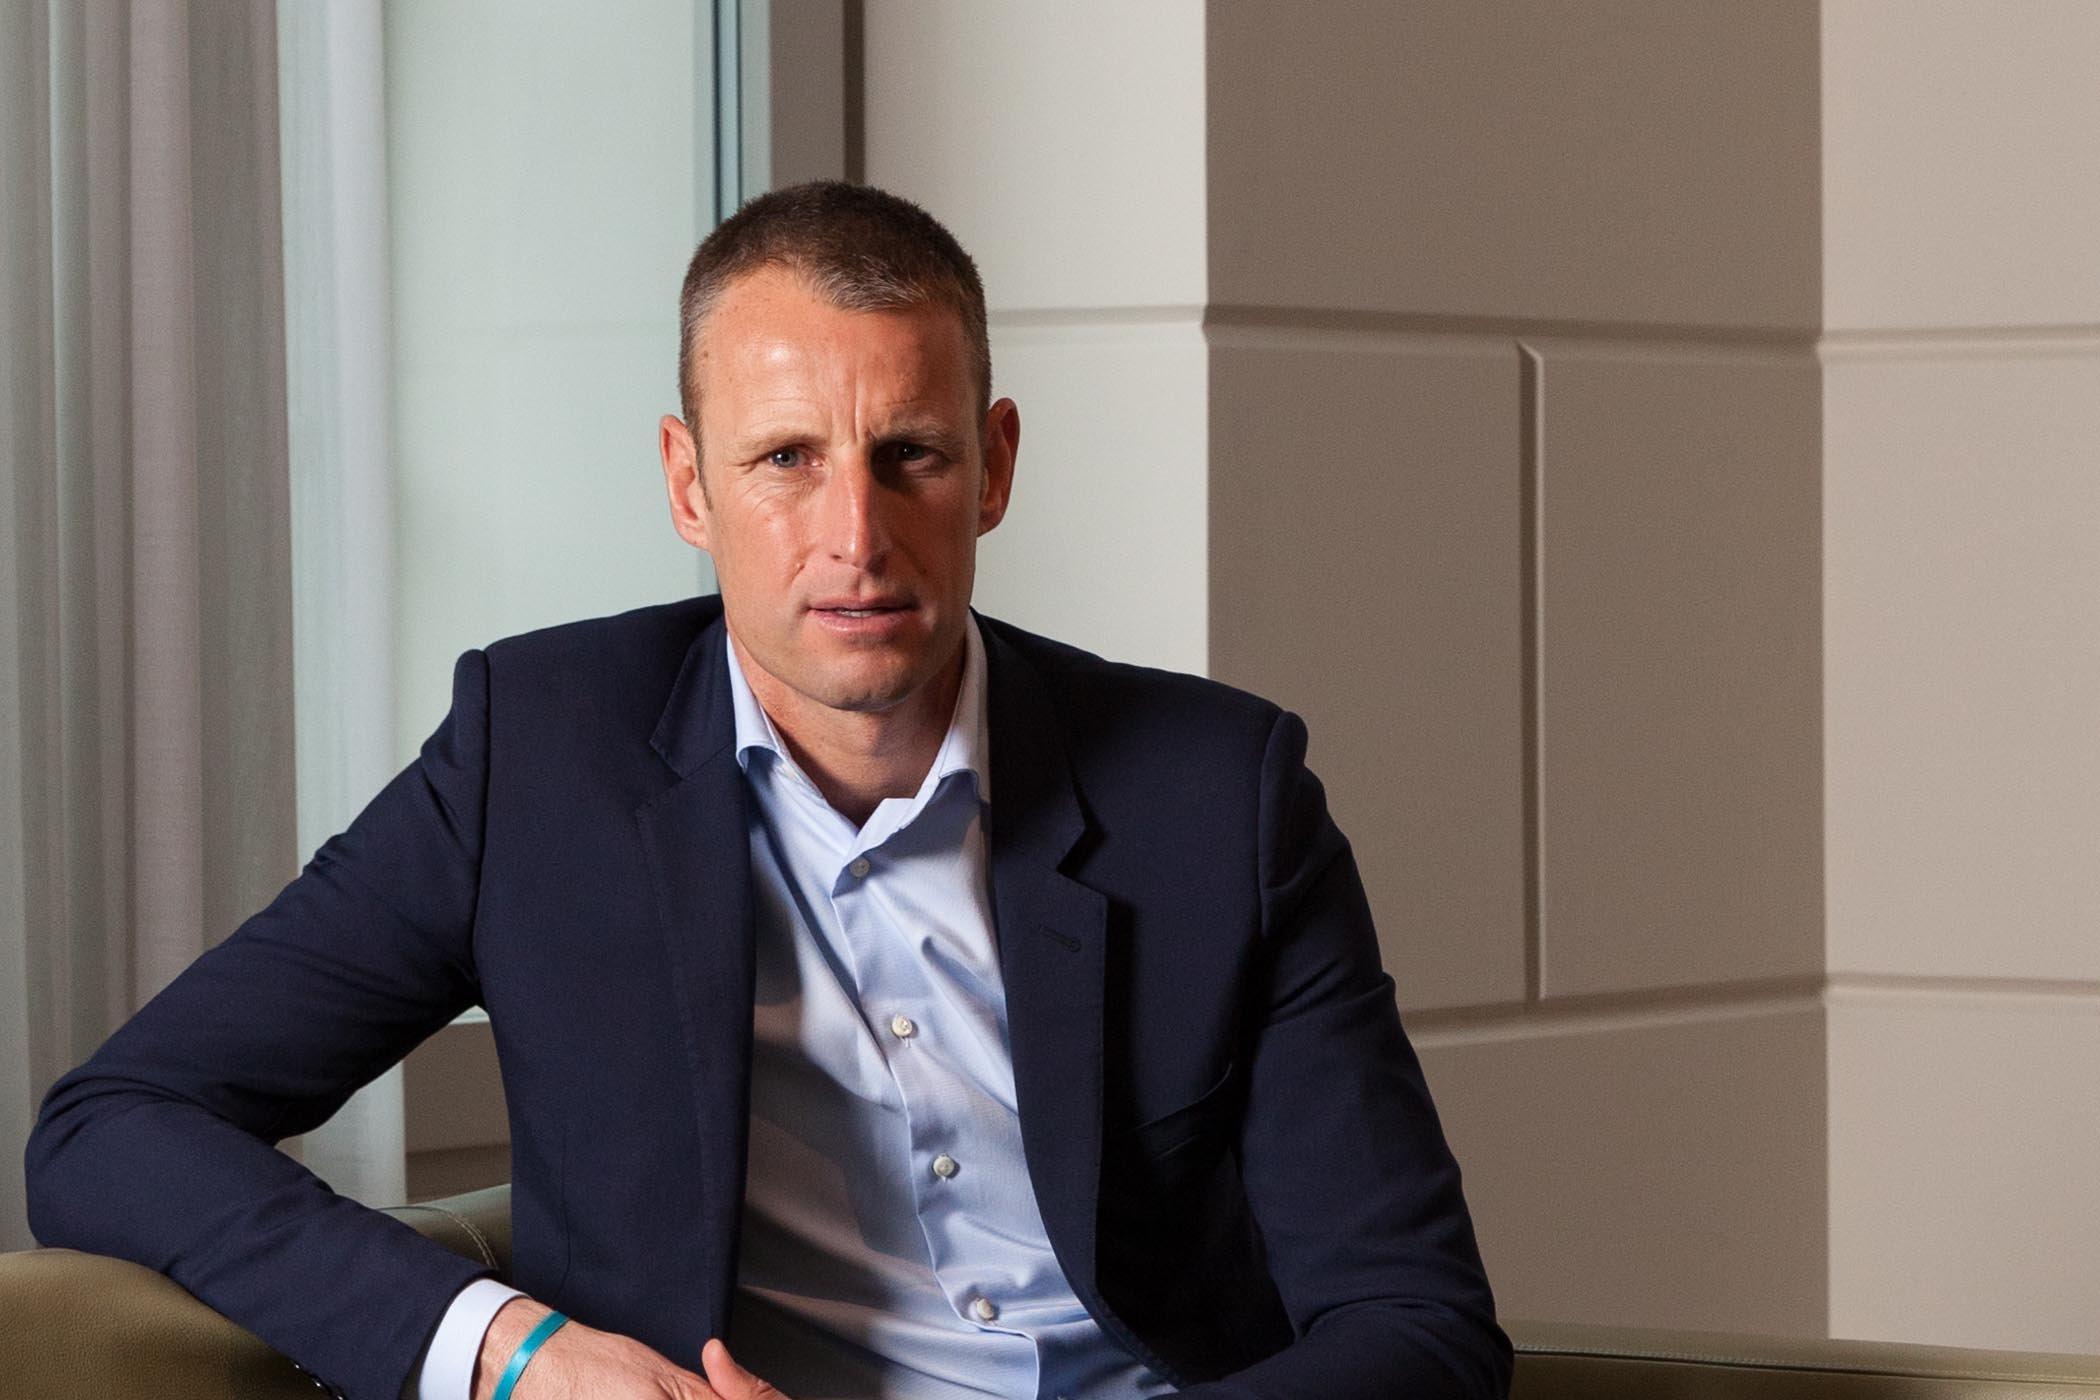 Patrick Pruniaux CEO Ulysse Nardin